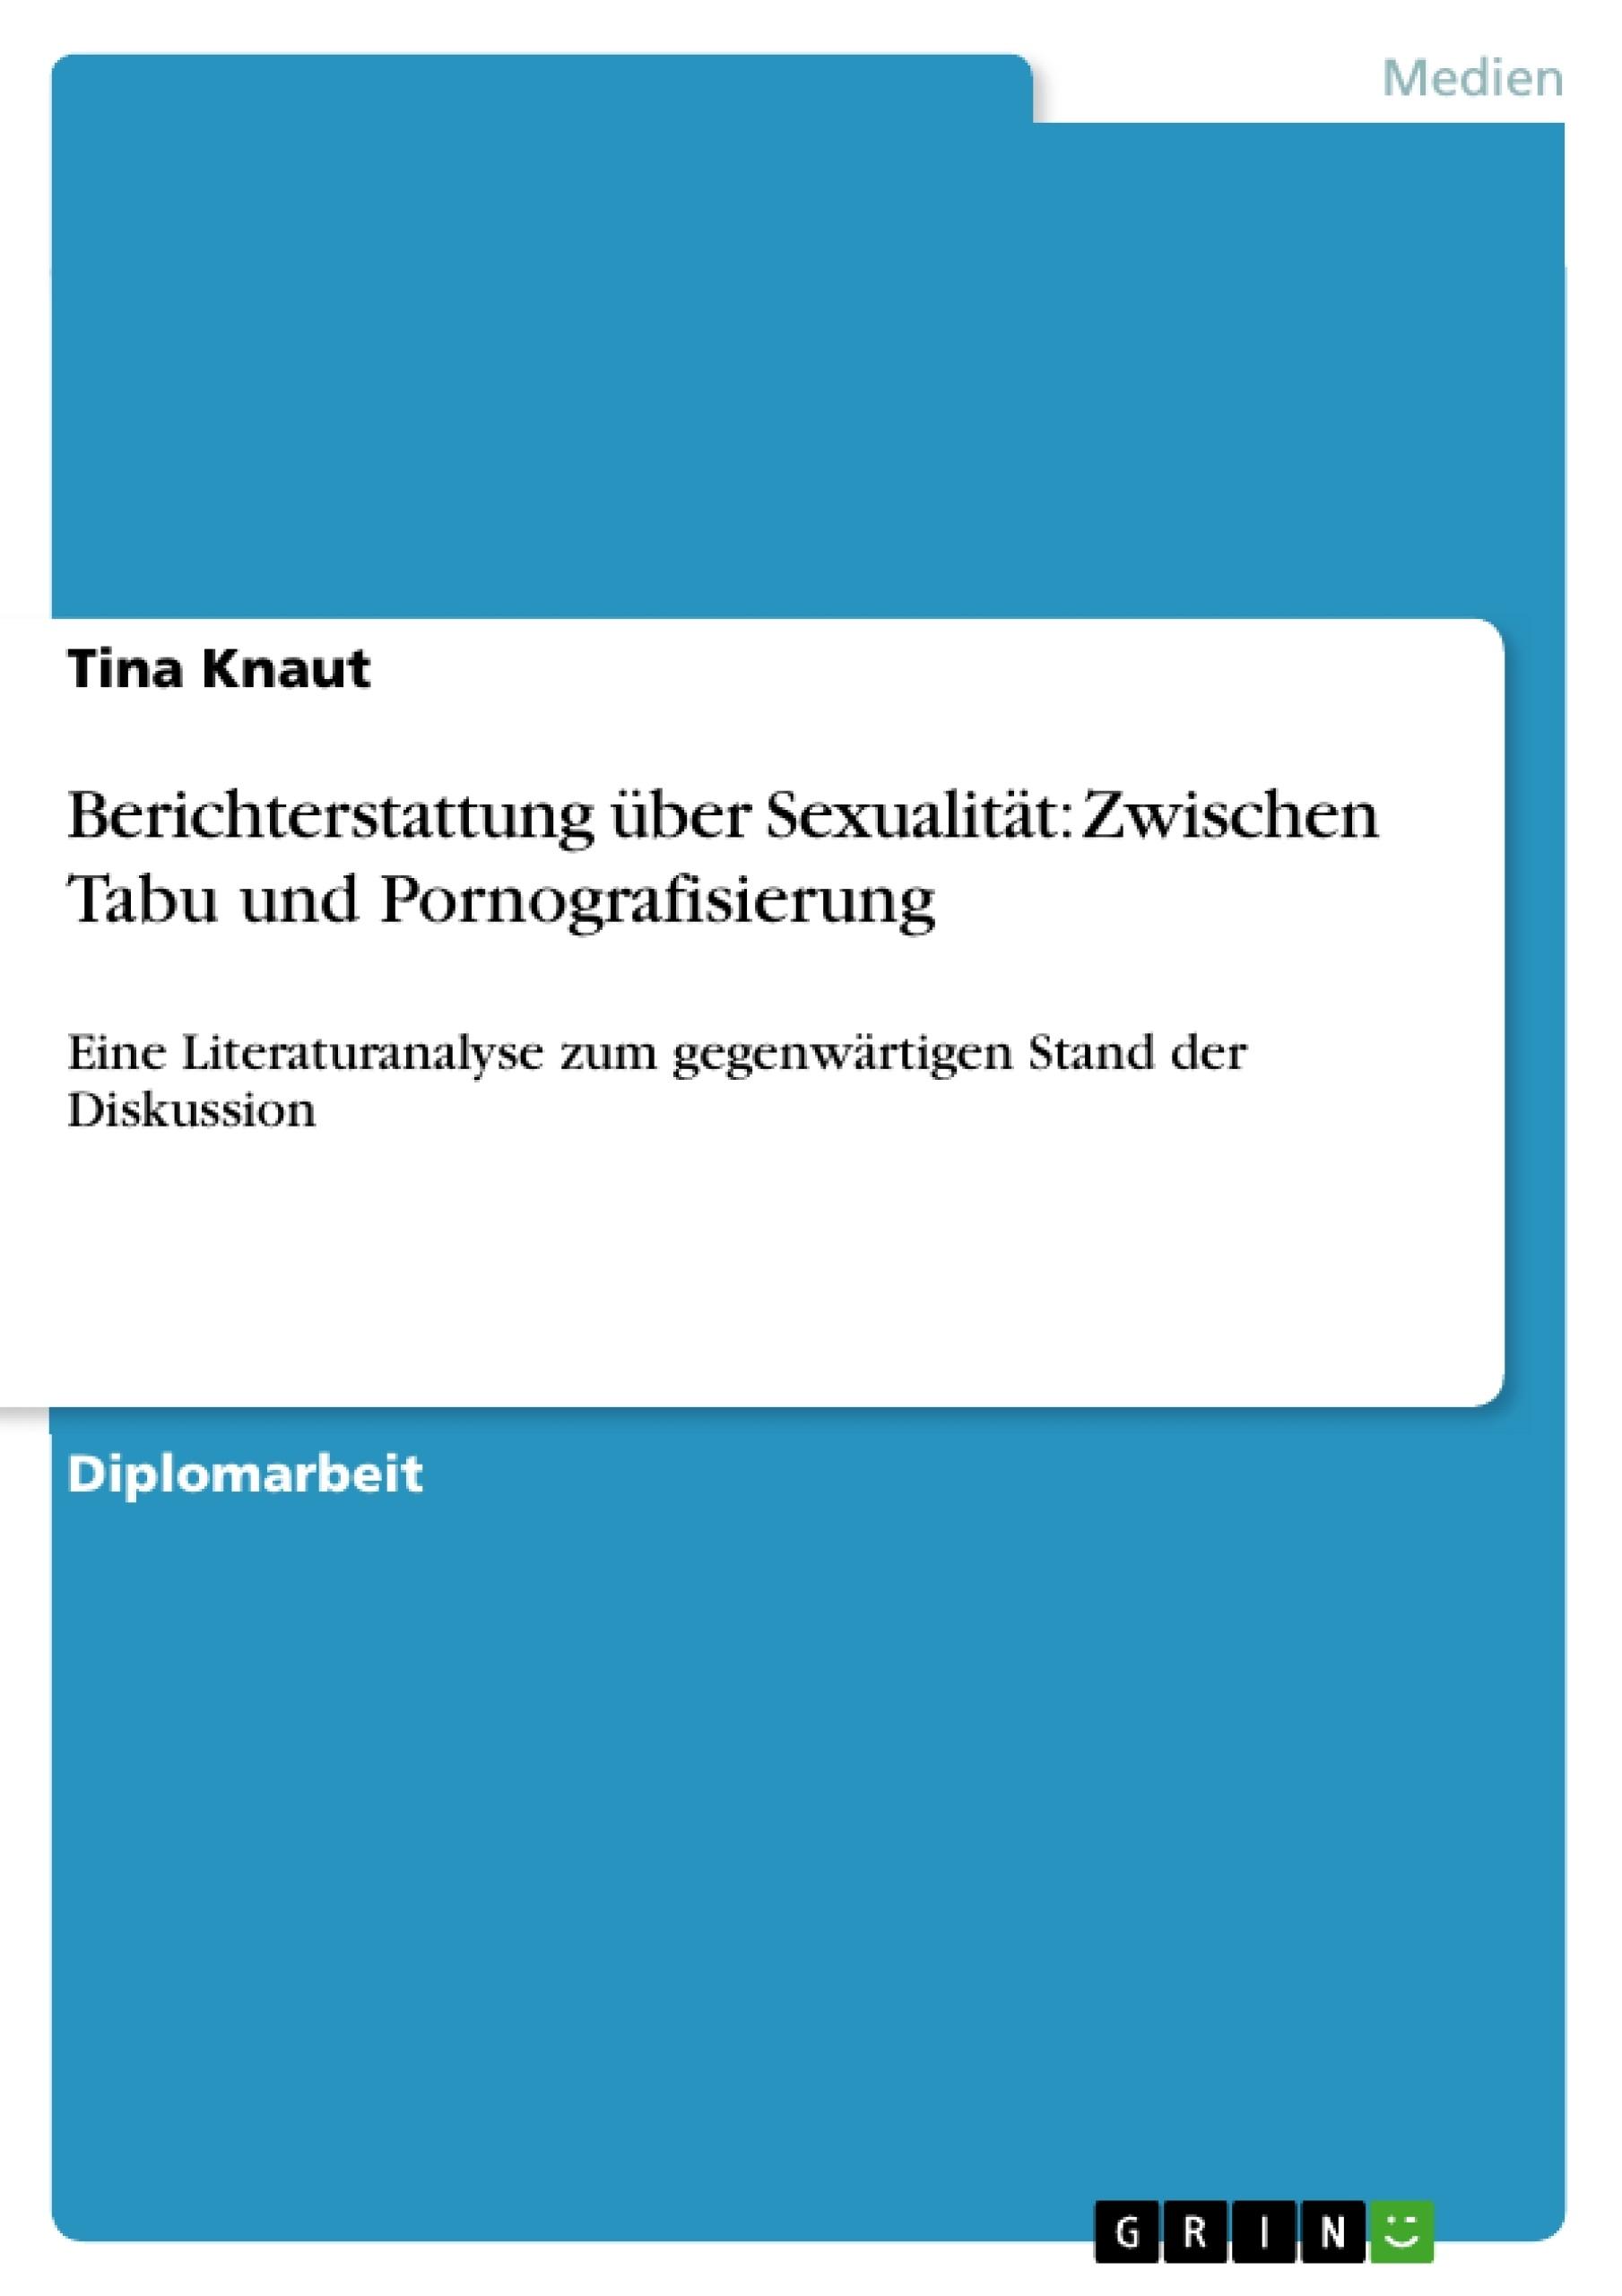 Titel: Berichterstattung über Sexualität: Zwischen Tabu und Pornografisierung